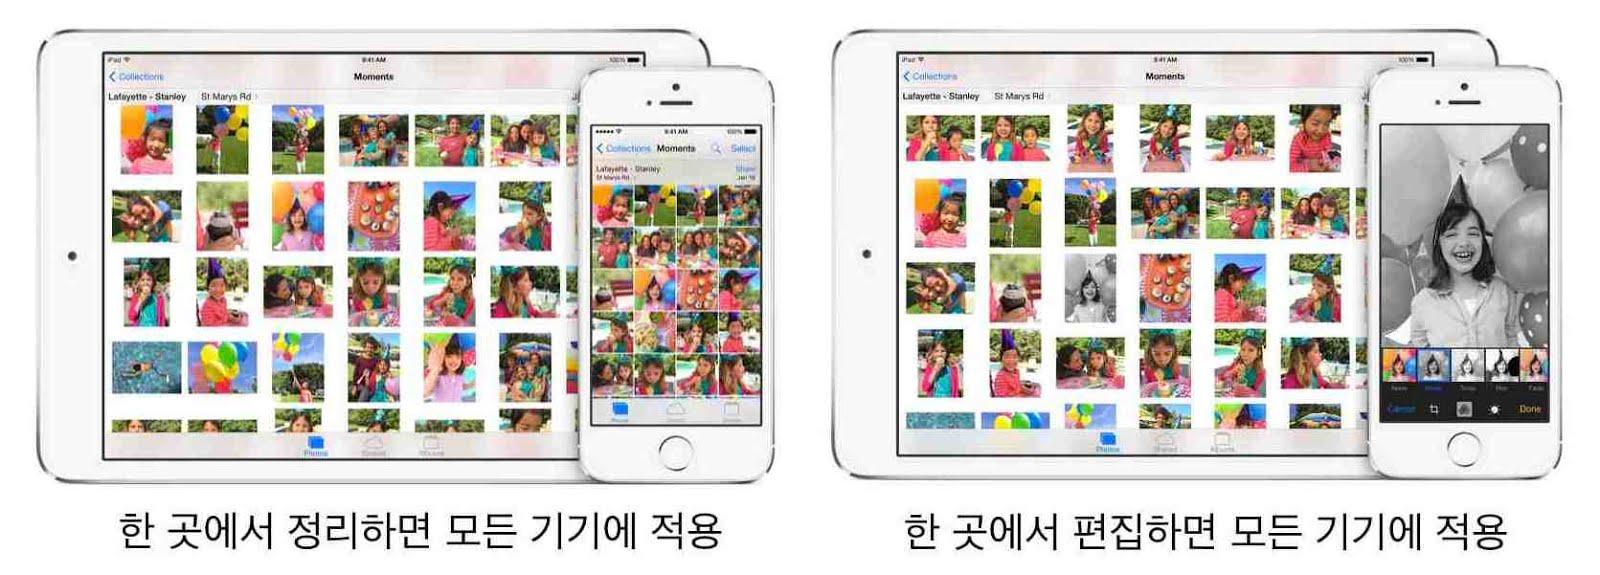 애플포토스2.jpg